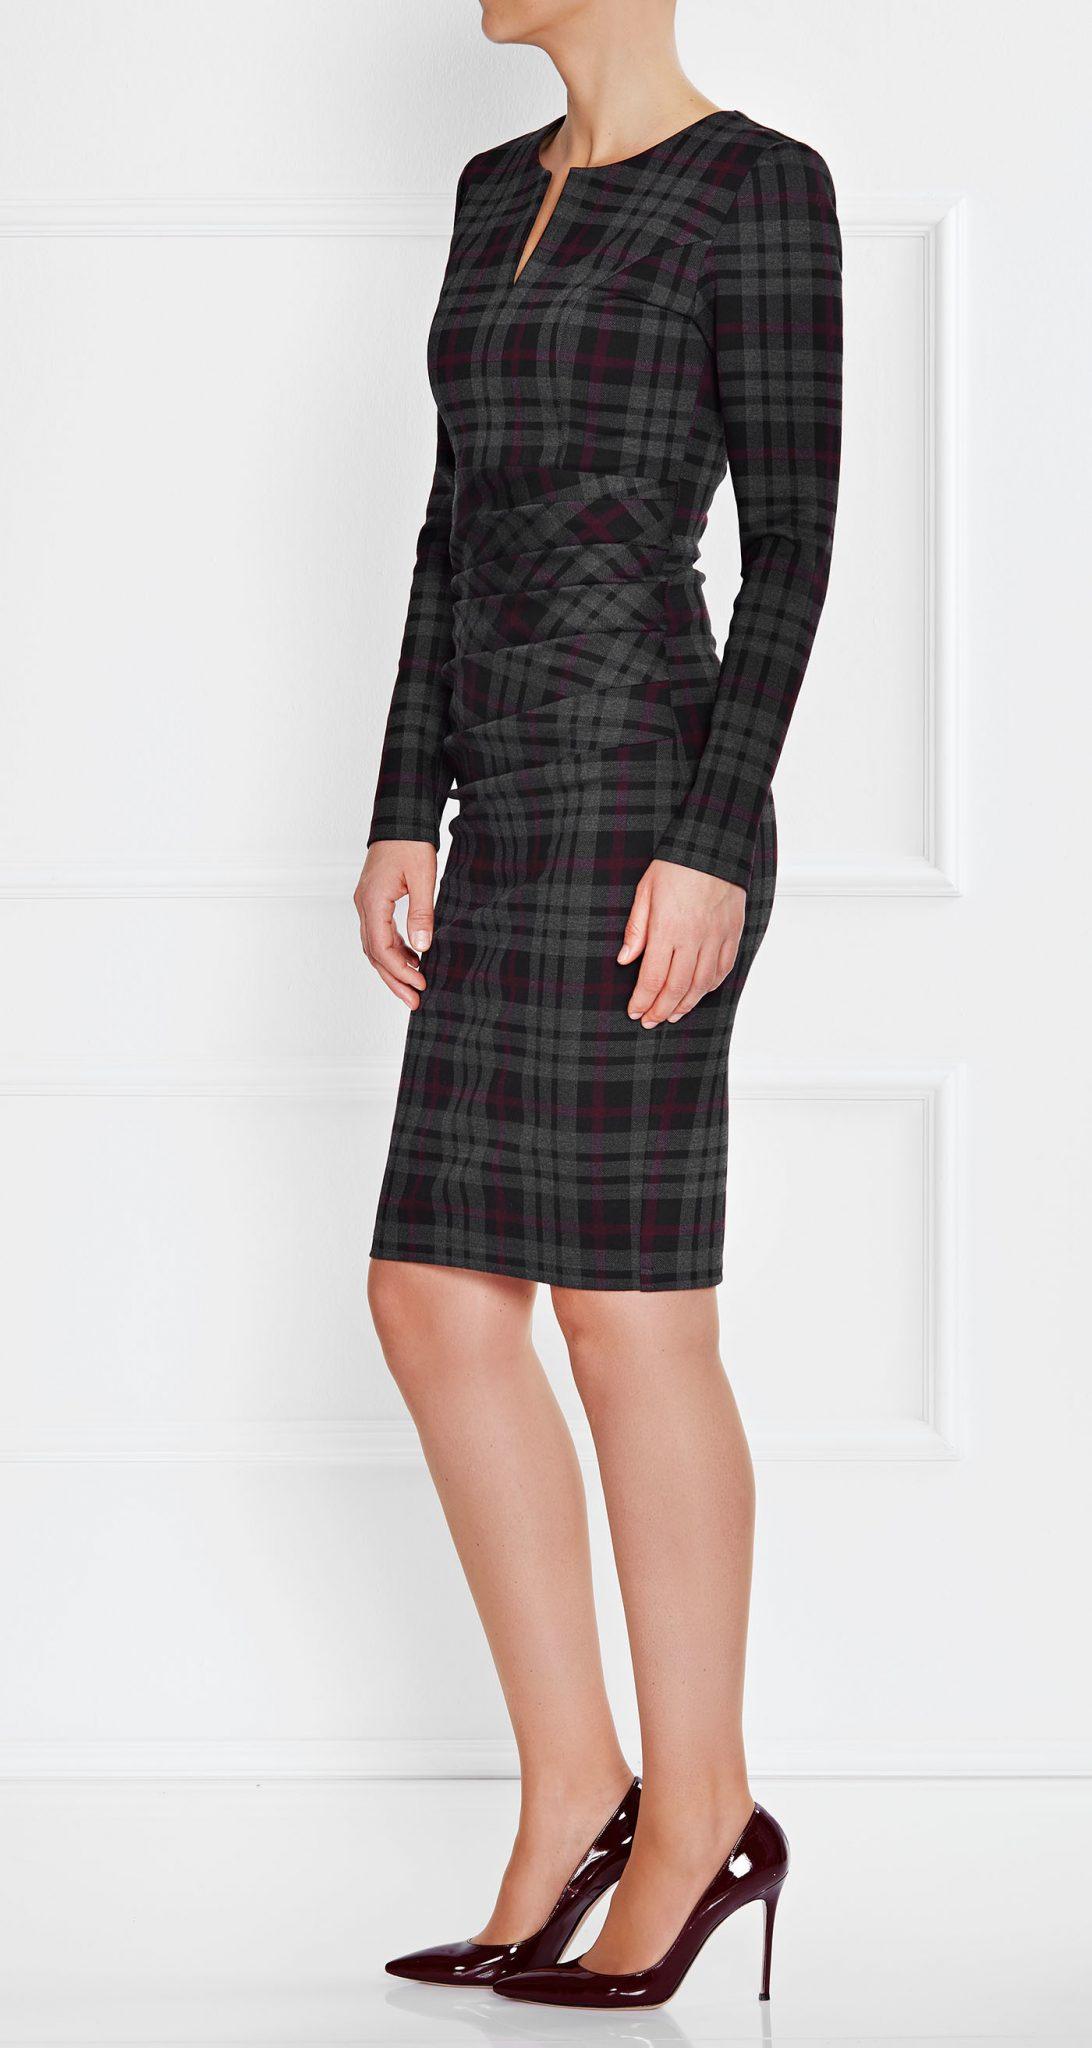 17 Spektakulär Winter Kleider Galerie Elegant Winter Kleider Ärmel